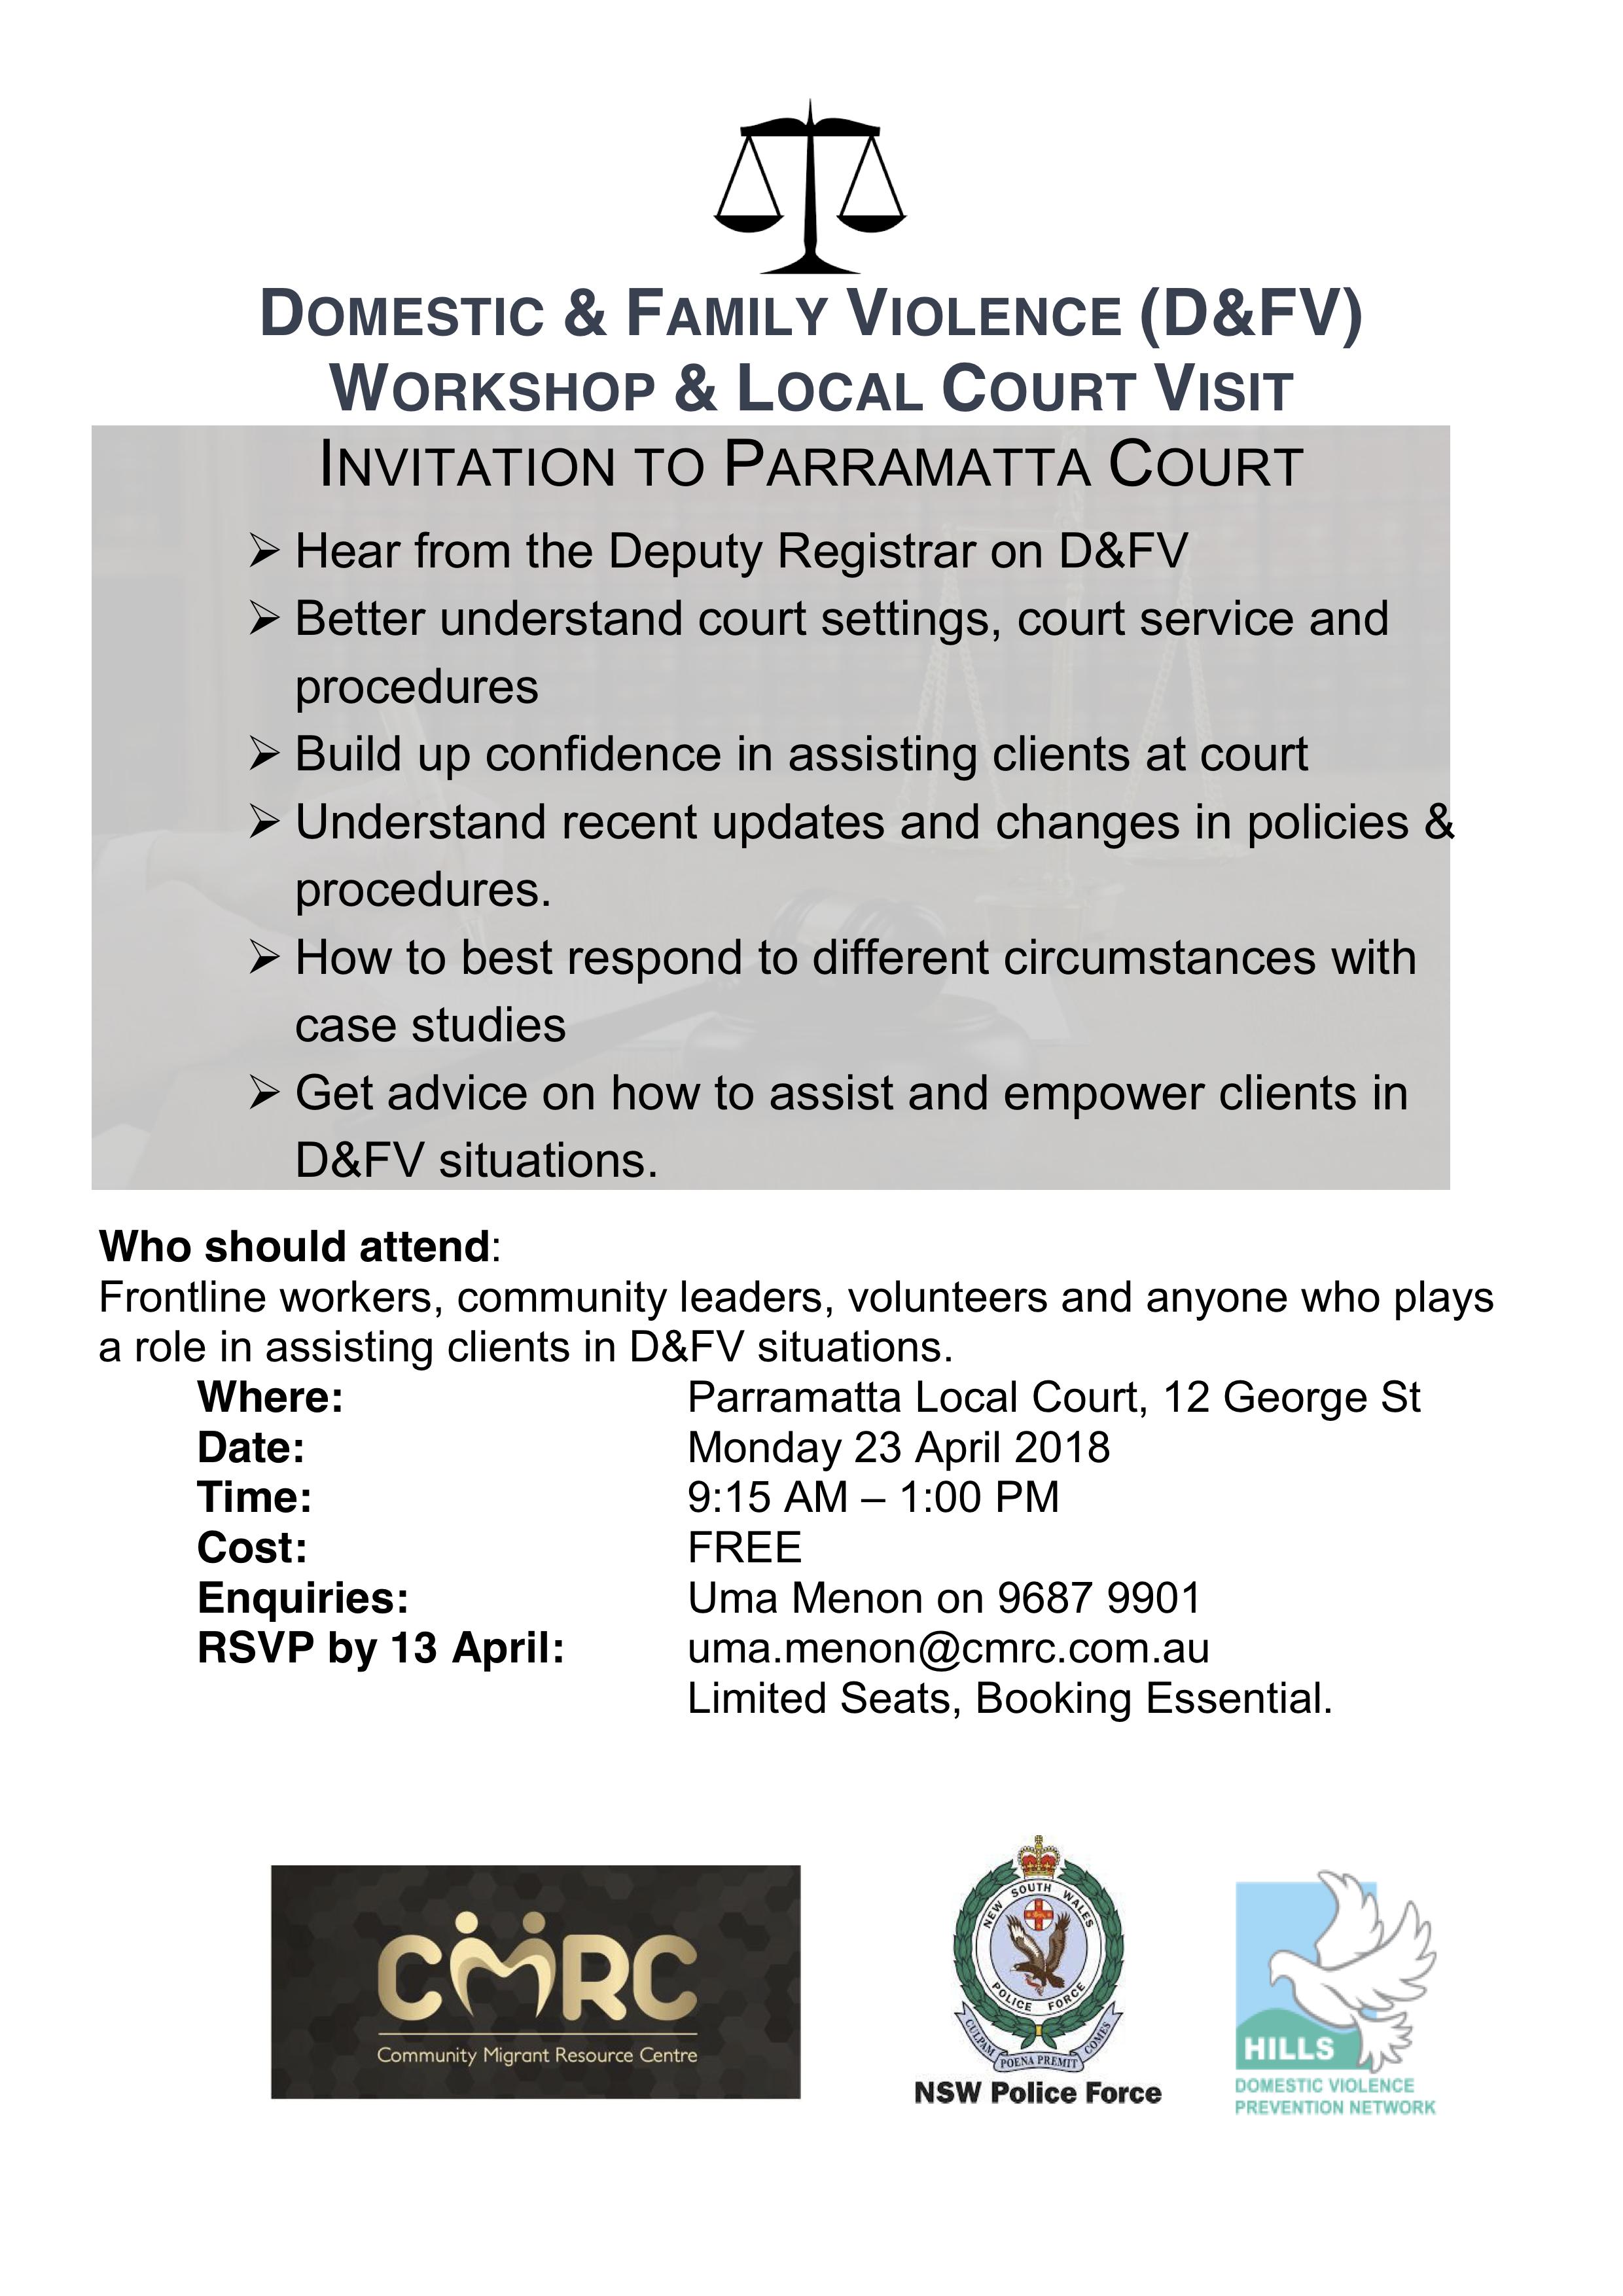 180223 Court Visit DV Network Flyer.png